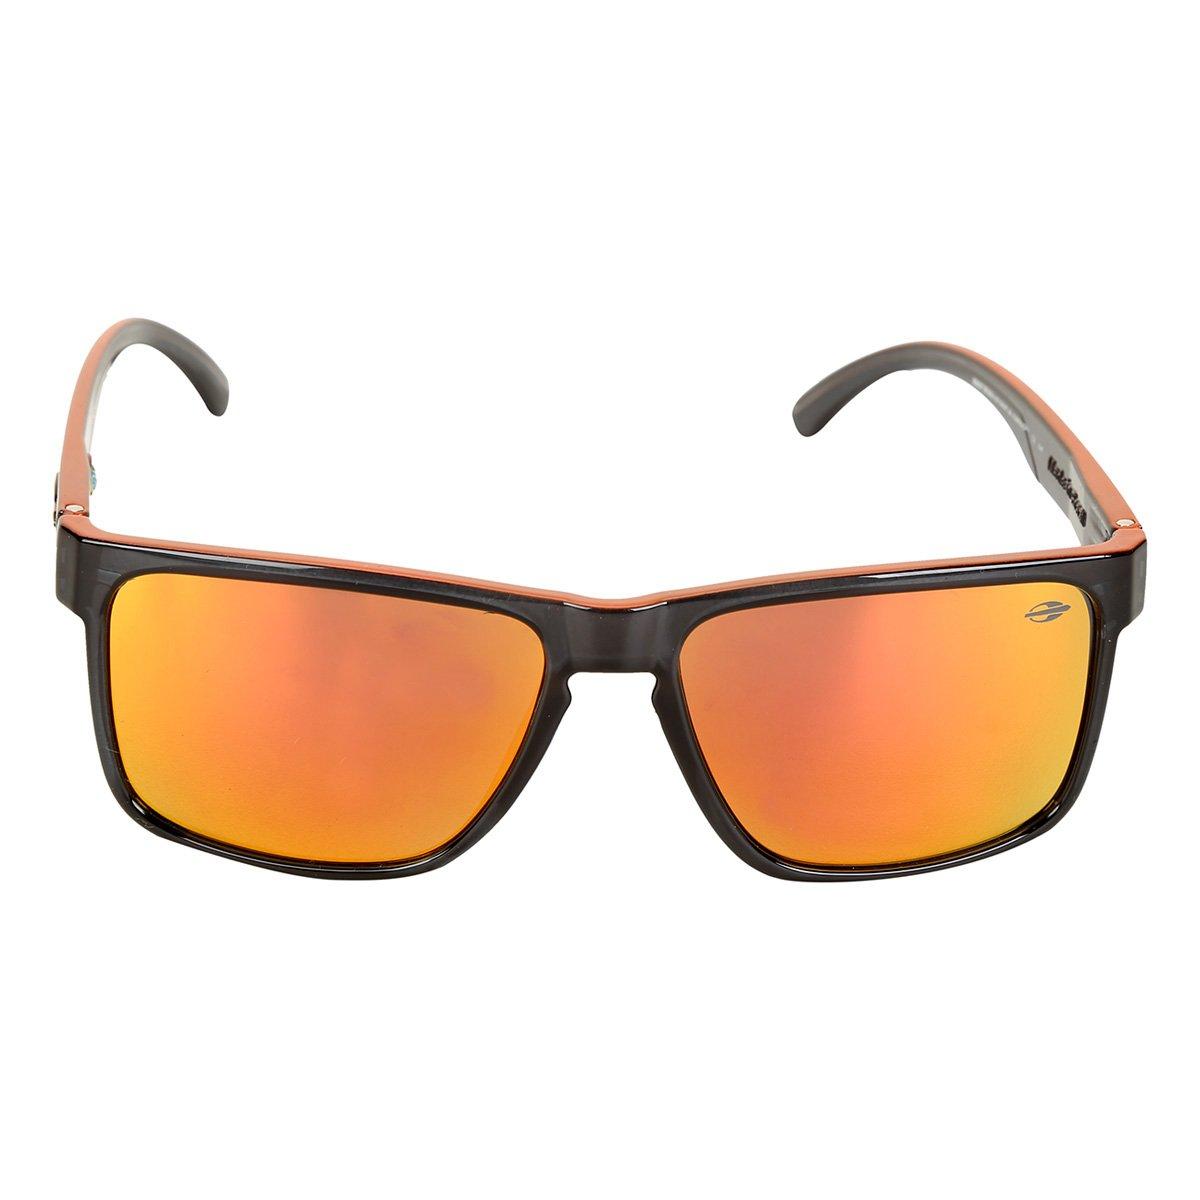 0f8721eadea22 ... Óculos de Sol Mormaii Monterey Fumê Translucido Lara Masculino ...